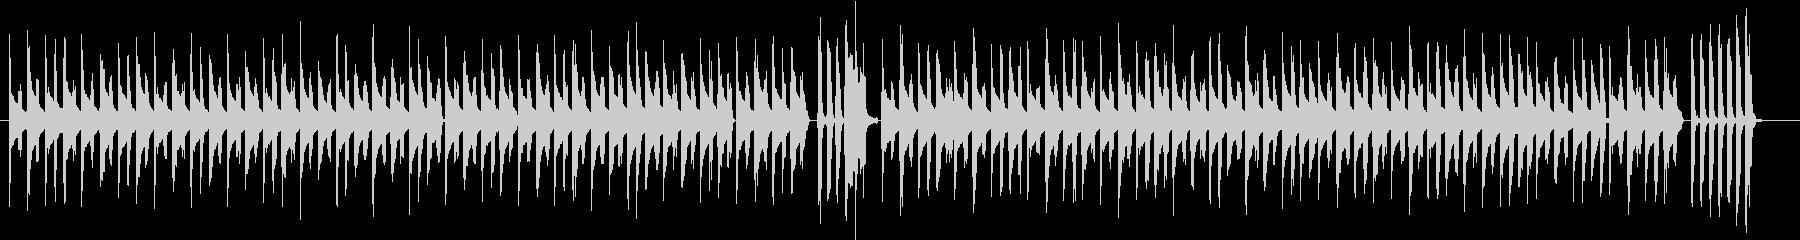 動画配信の後ろで流れるシンプルな音楽の未再生の波形